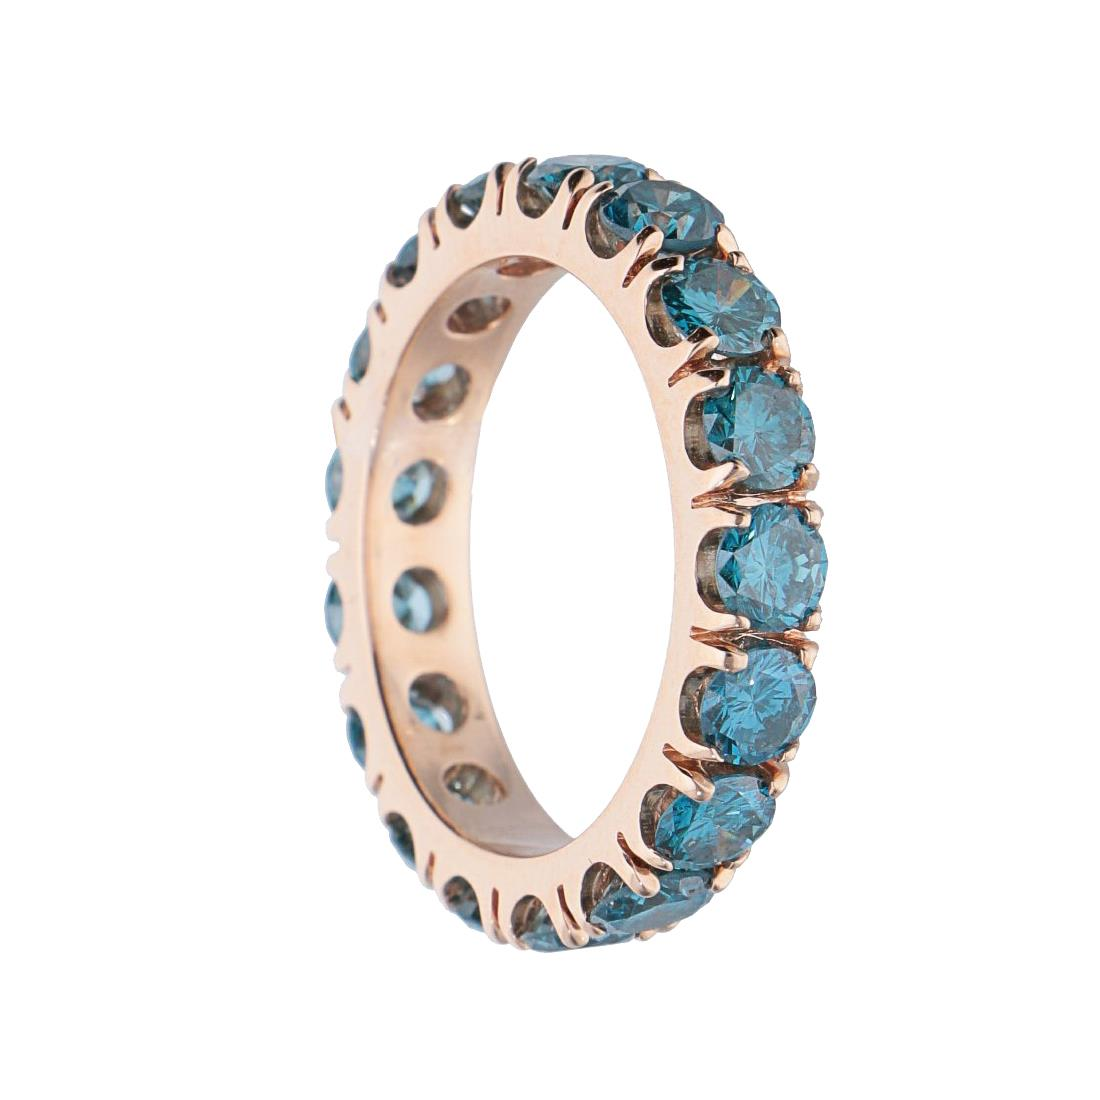 Anello in oro rosa con diamanti naturali blu trattati - ALFIERI ST JOHN